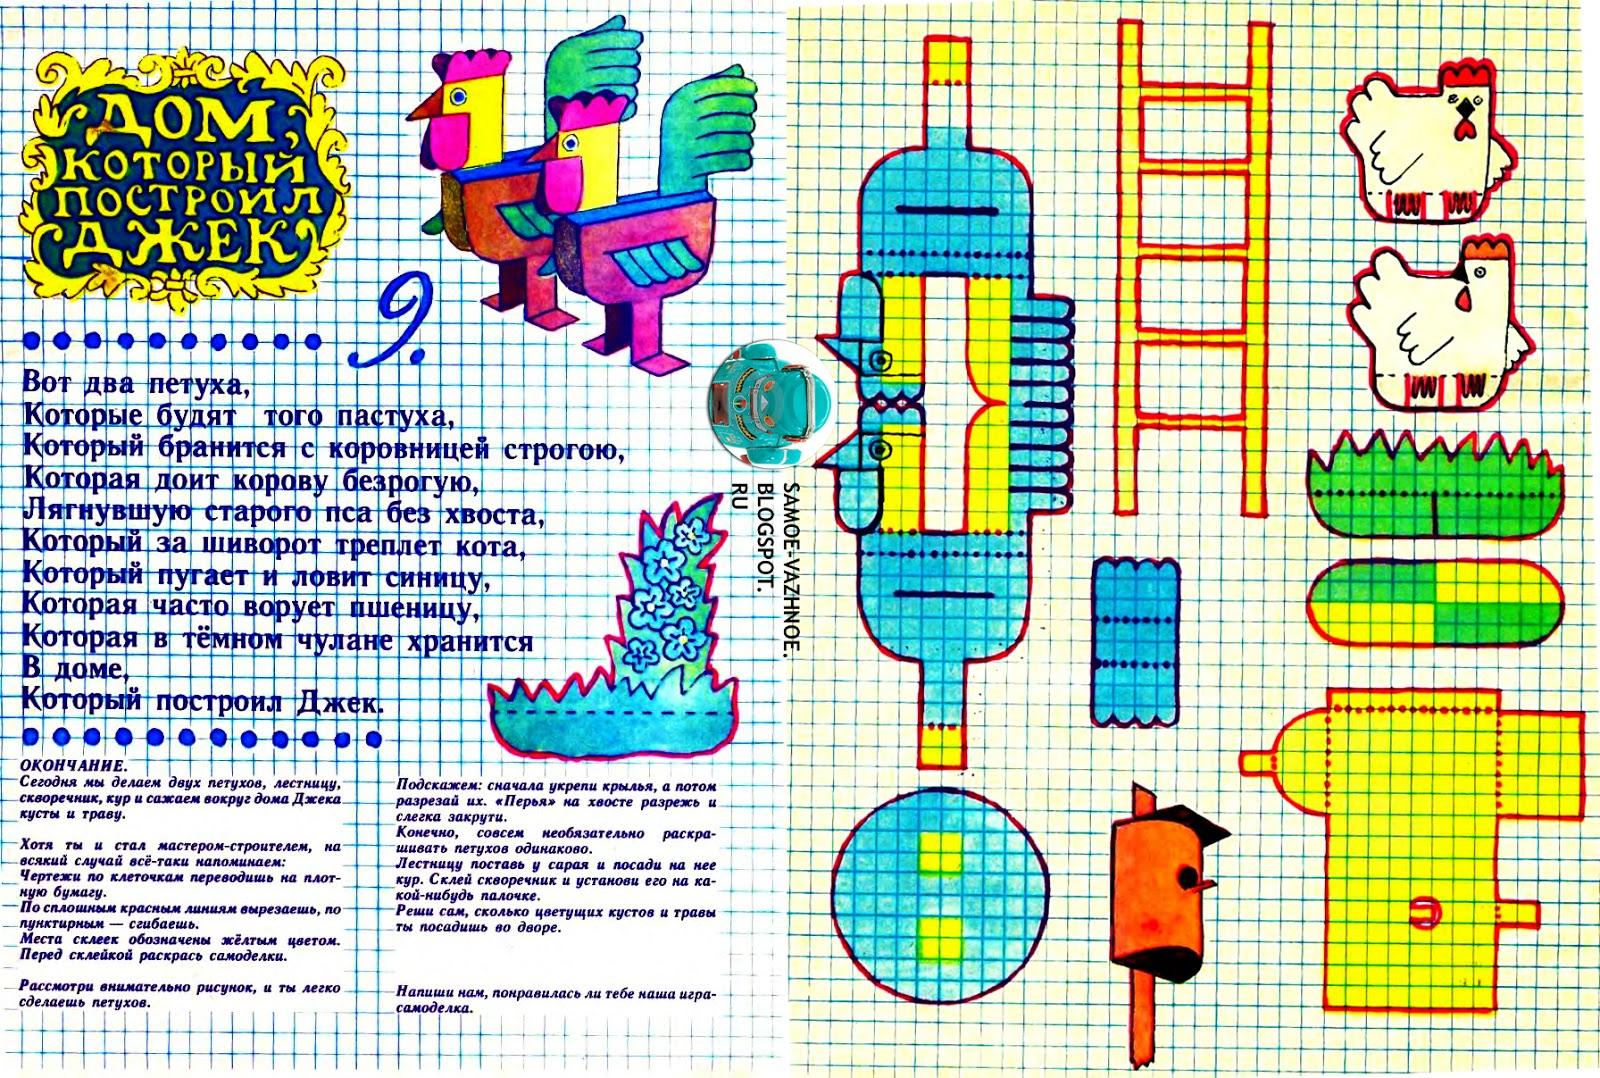 игра бумажная вырезать дом ссср дом который построил джек веселые картинки (№9, 1987)